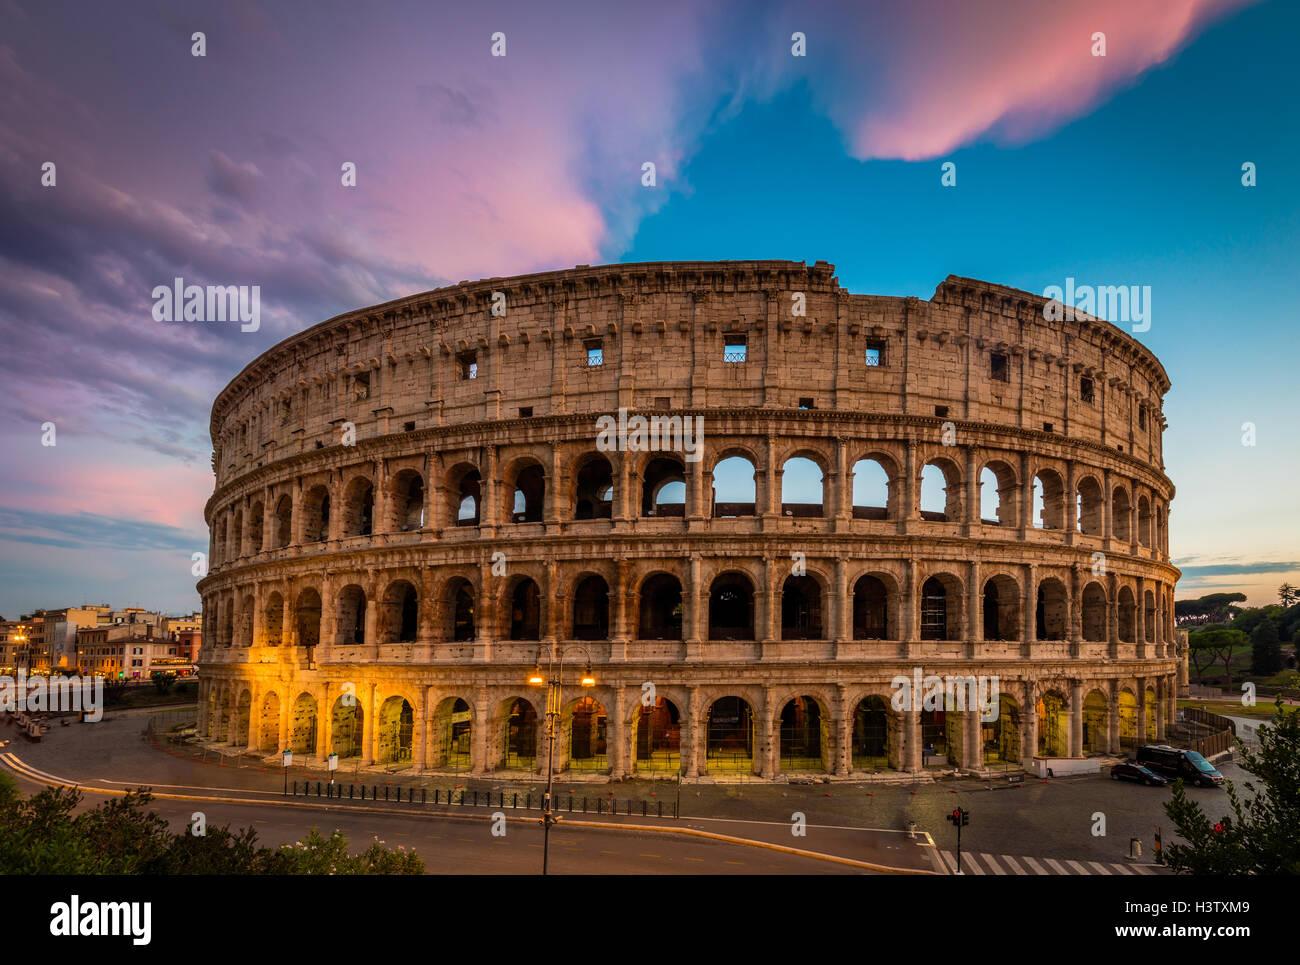 Das Kolosseum, das größte Amphitheater der Welt, ist eine elliptische Amphitheater im Zentrum der Stadt Stockbild